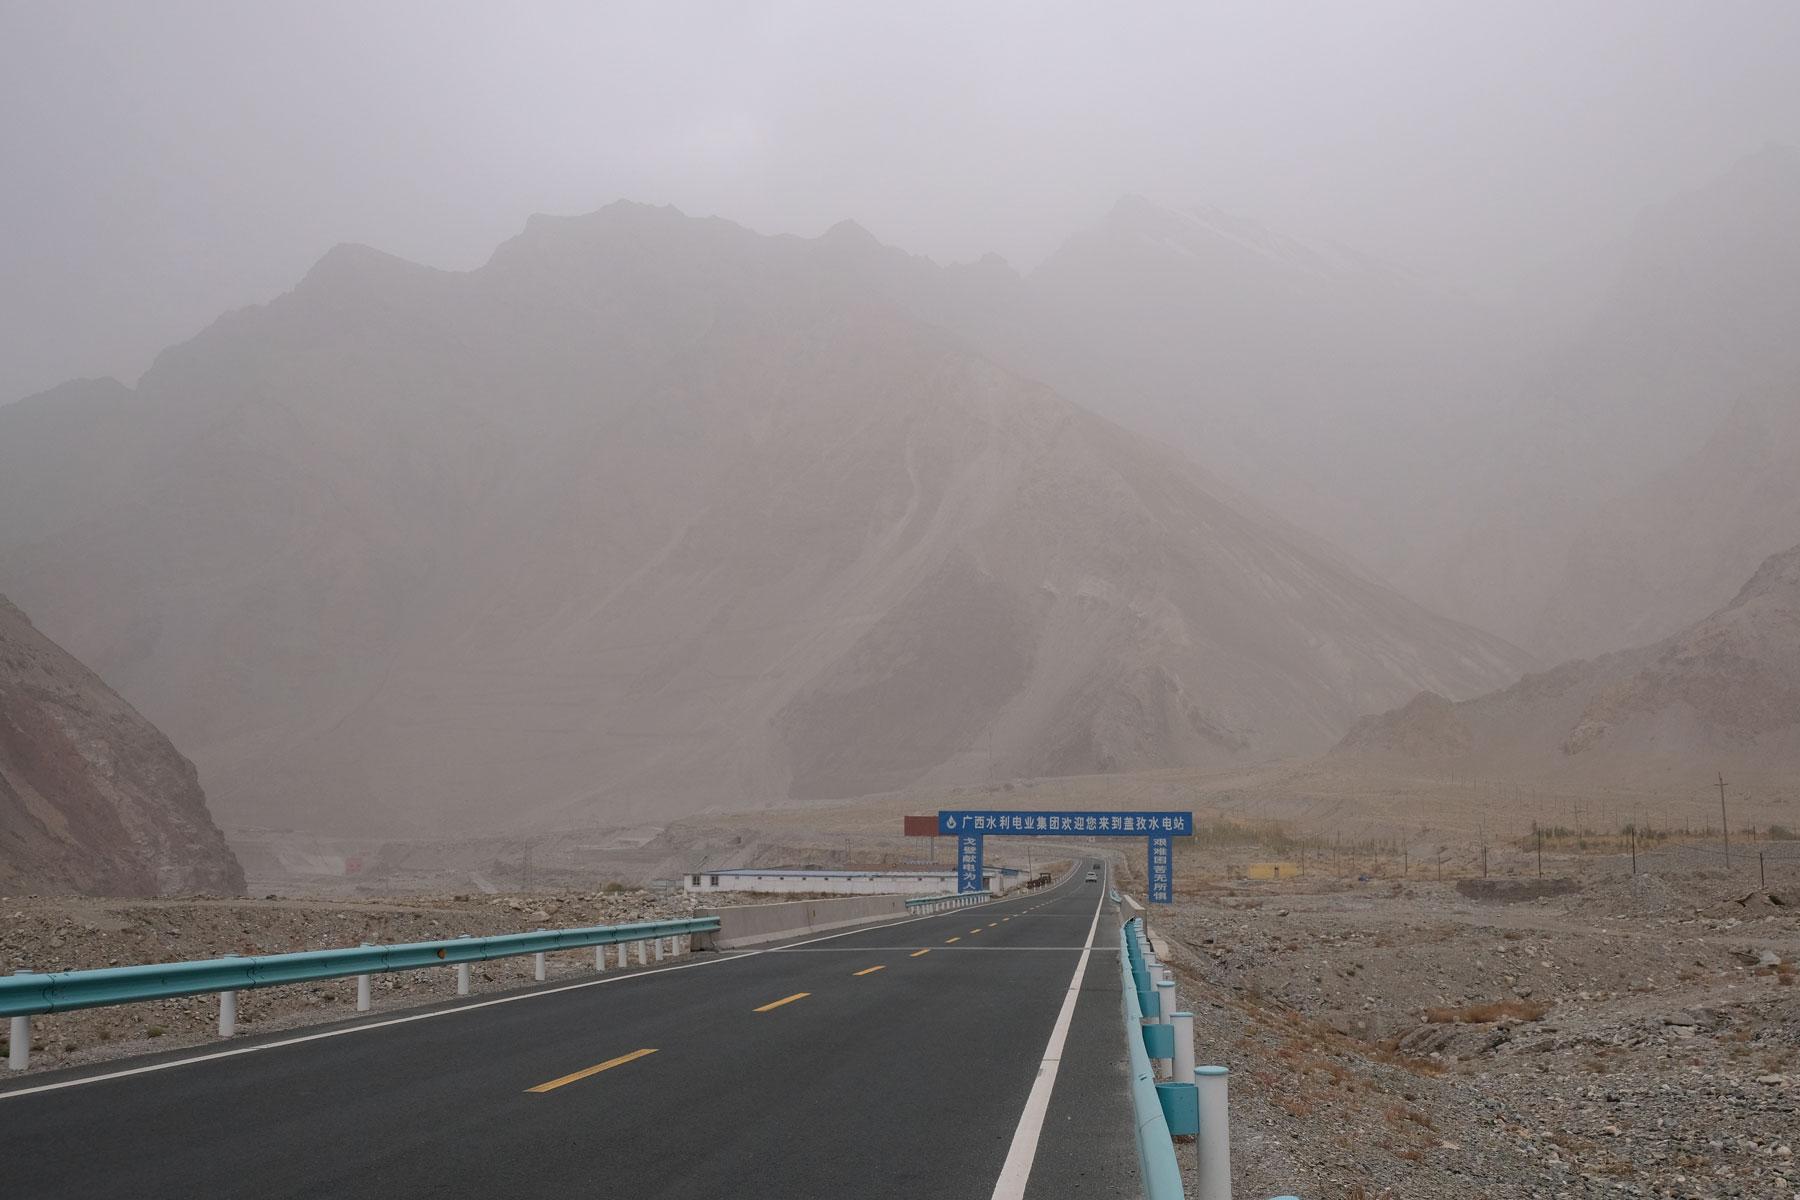 Endlich raus aus der Stadt! Bald schon haben wir solche Berge vor uns. Nur das Wetter ist leider etwas verhangen.